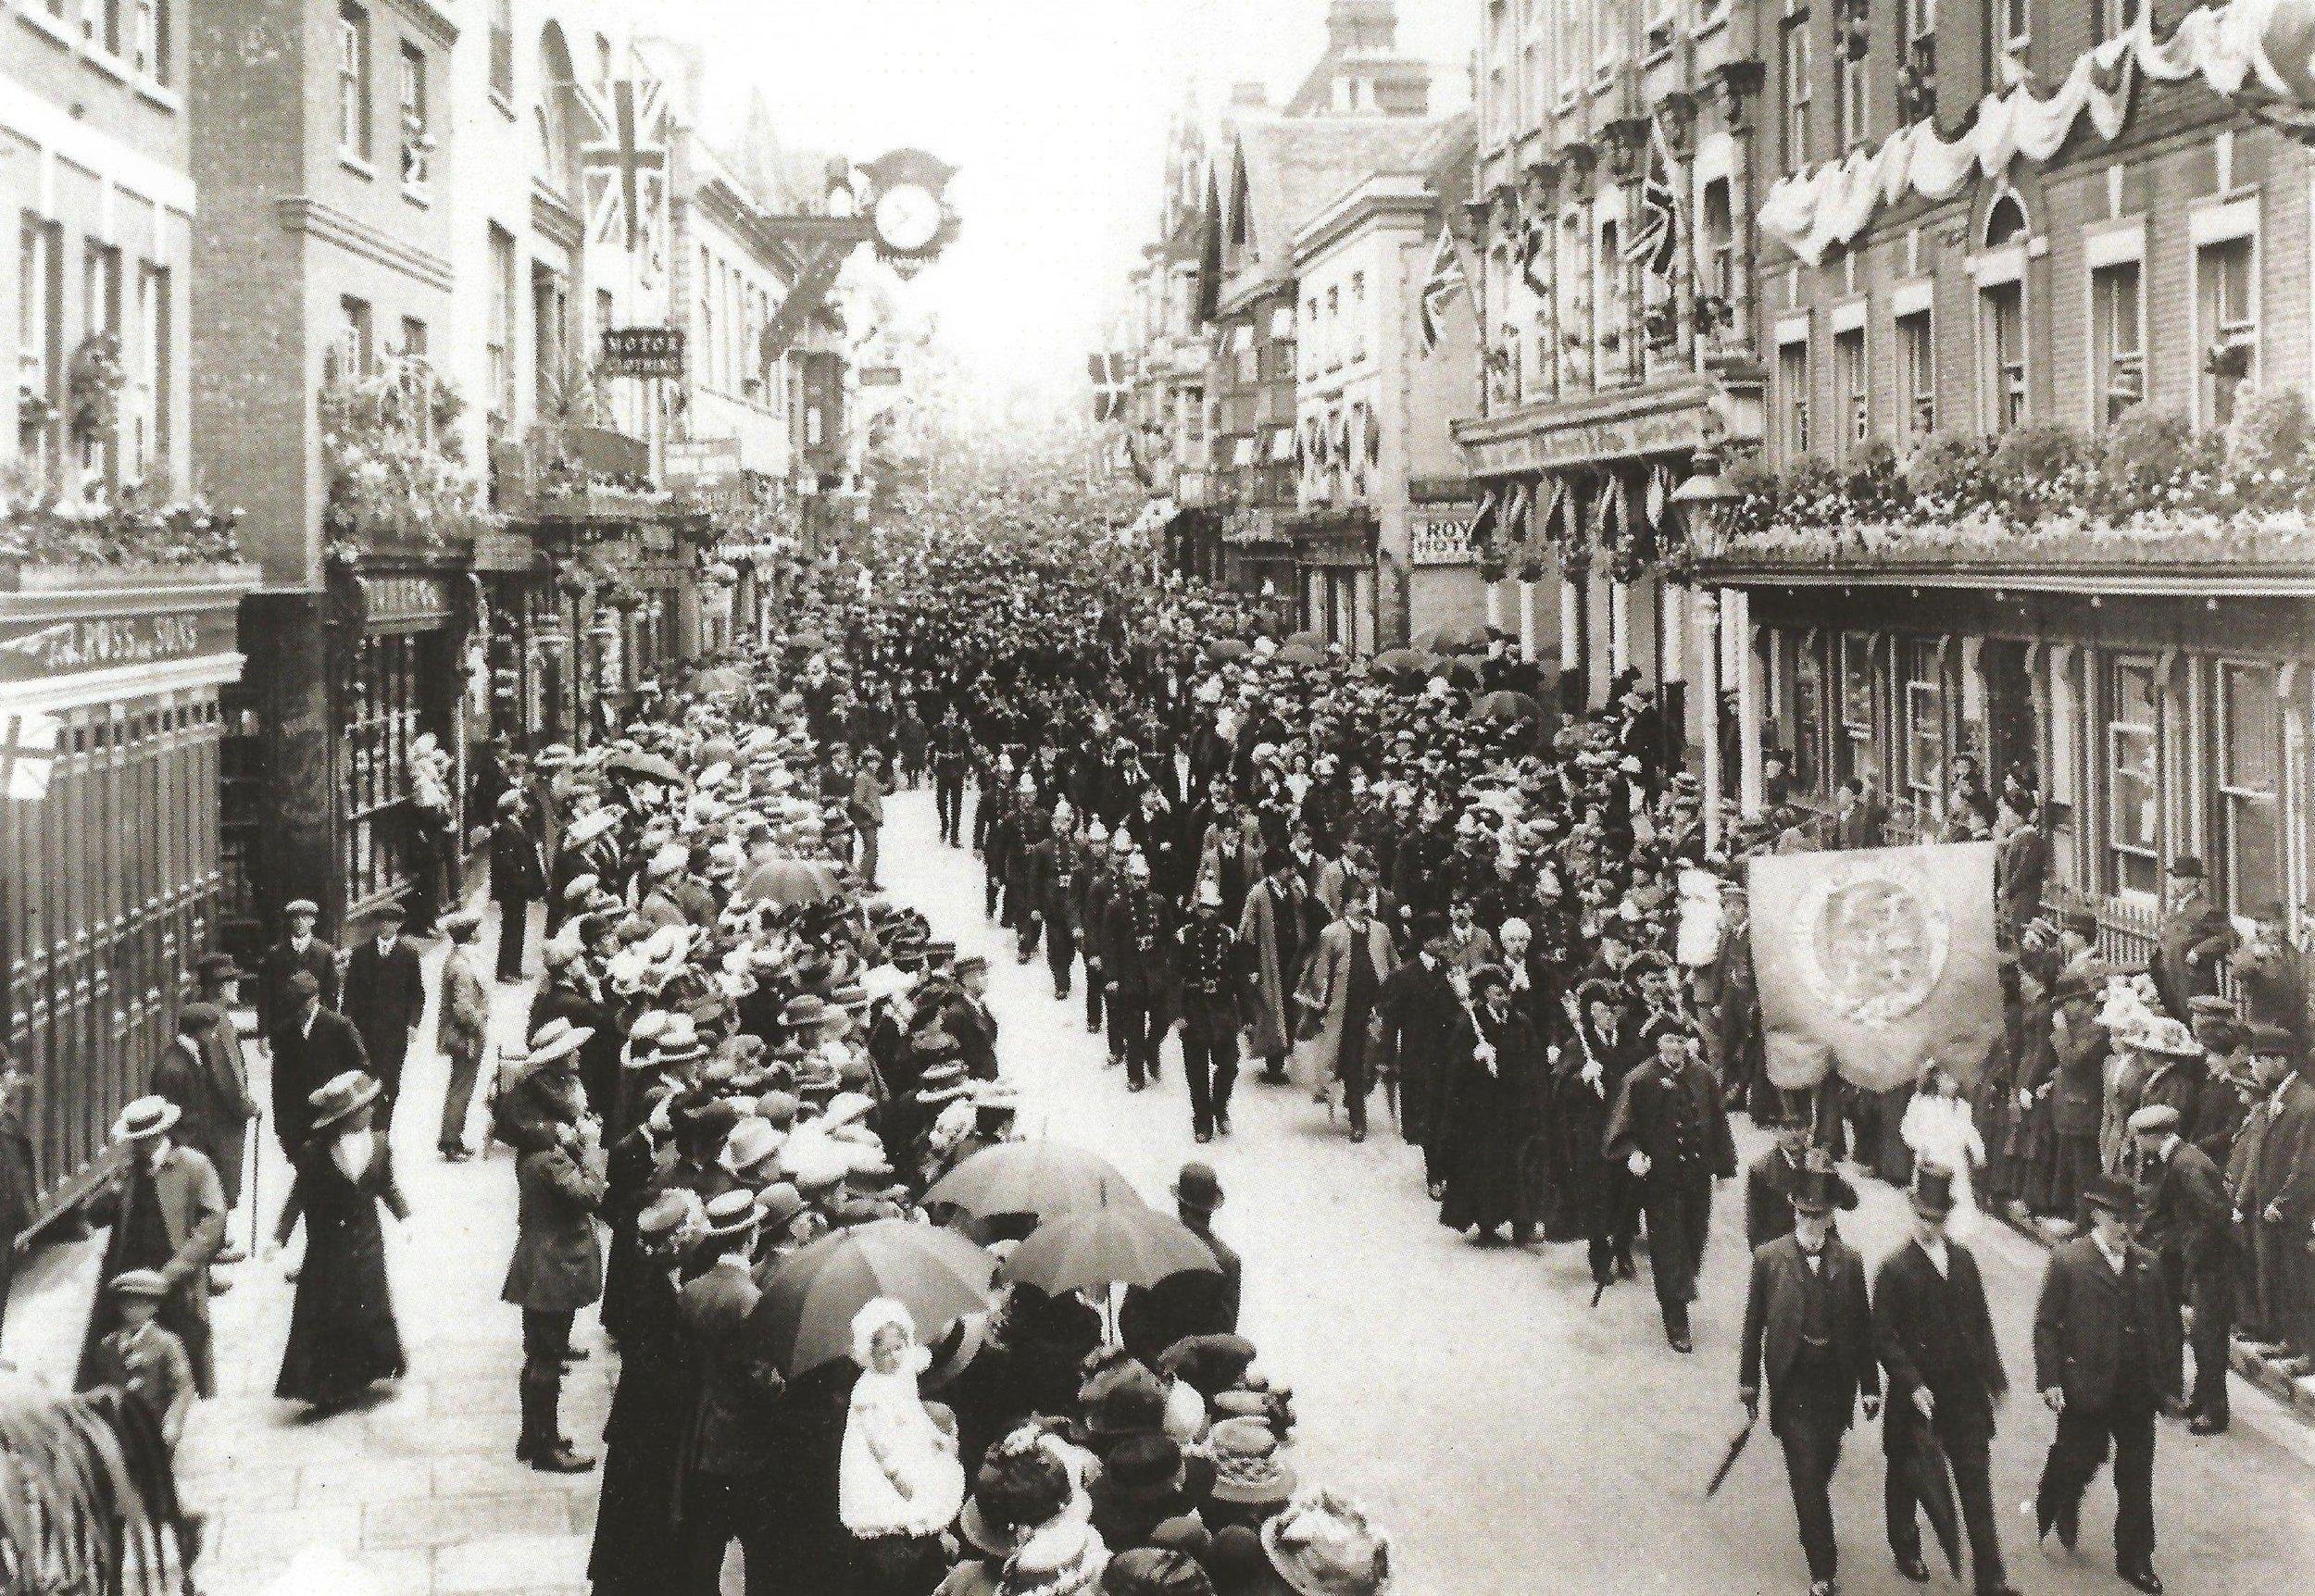 winchester coronation procession 1911